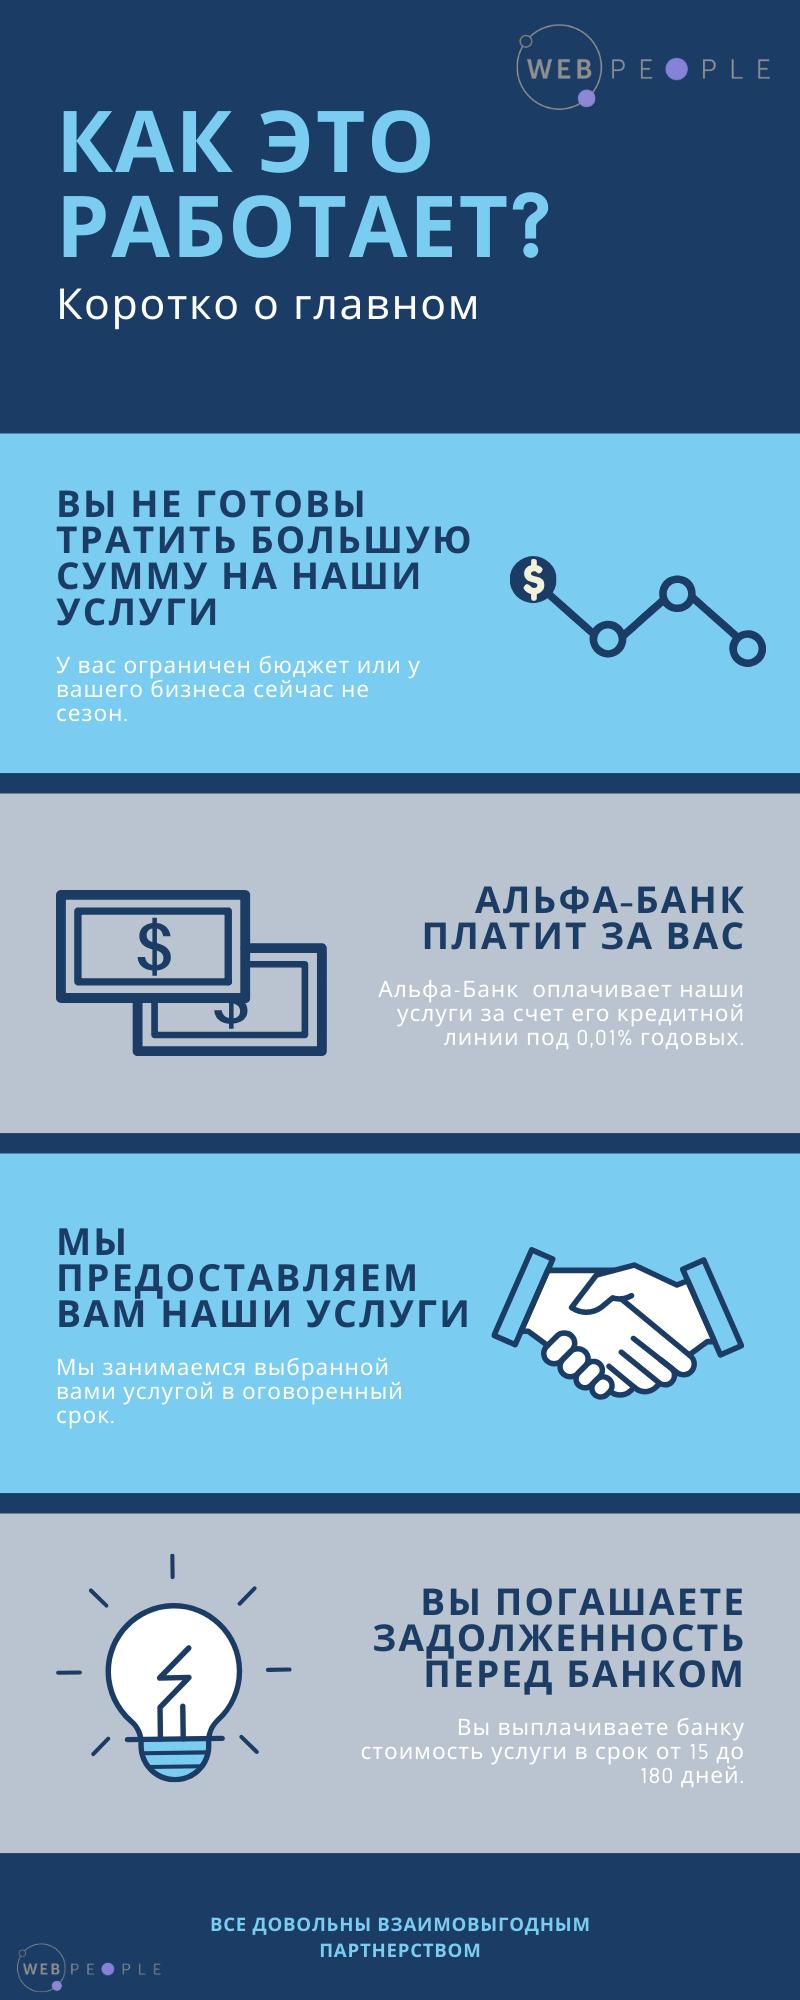 партнеры банка альфа банк микро займы в деньге онлайн на карту без отказа без проверки мгновенно 0 процентов